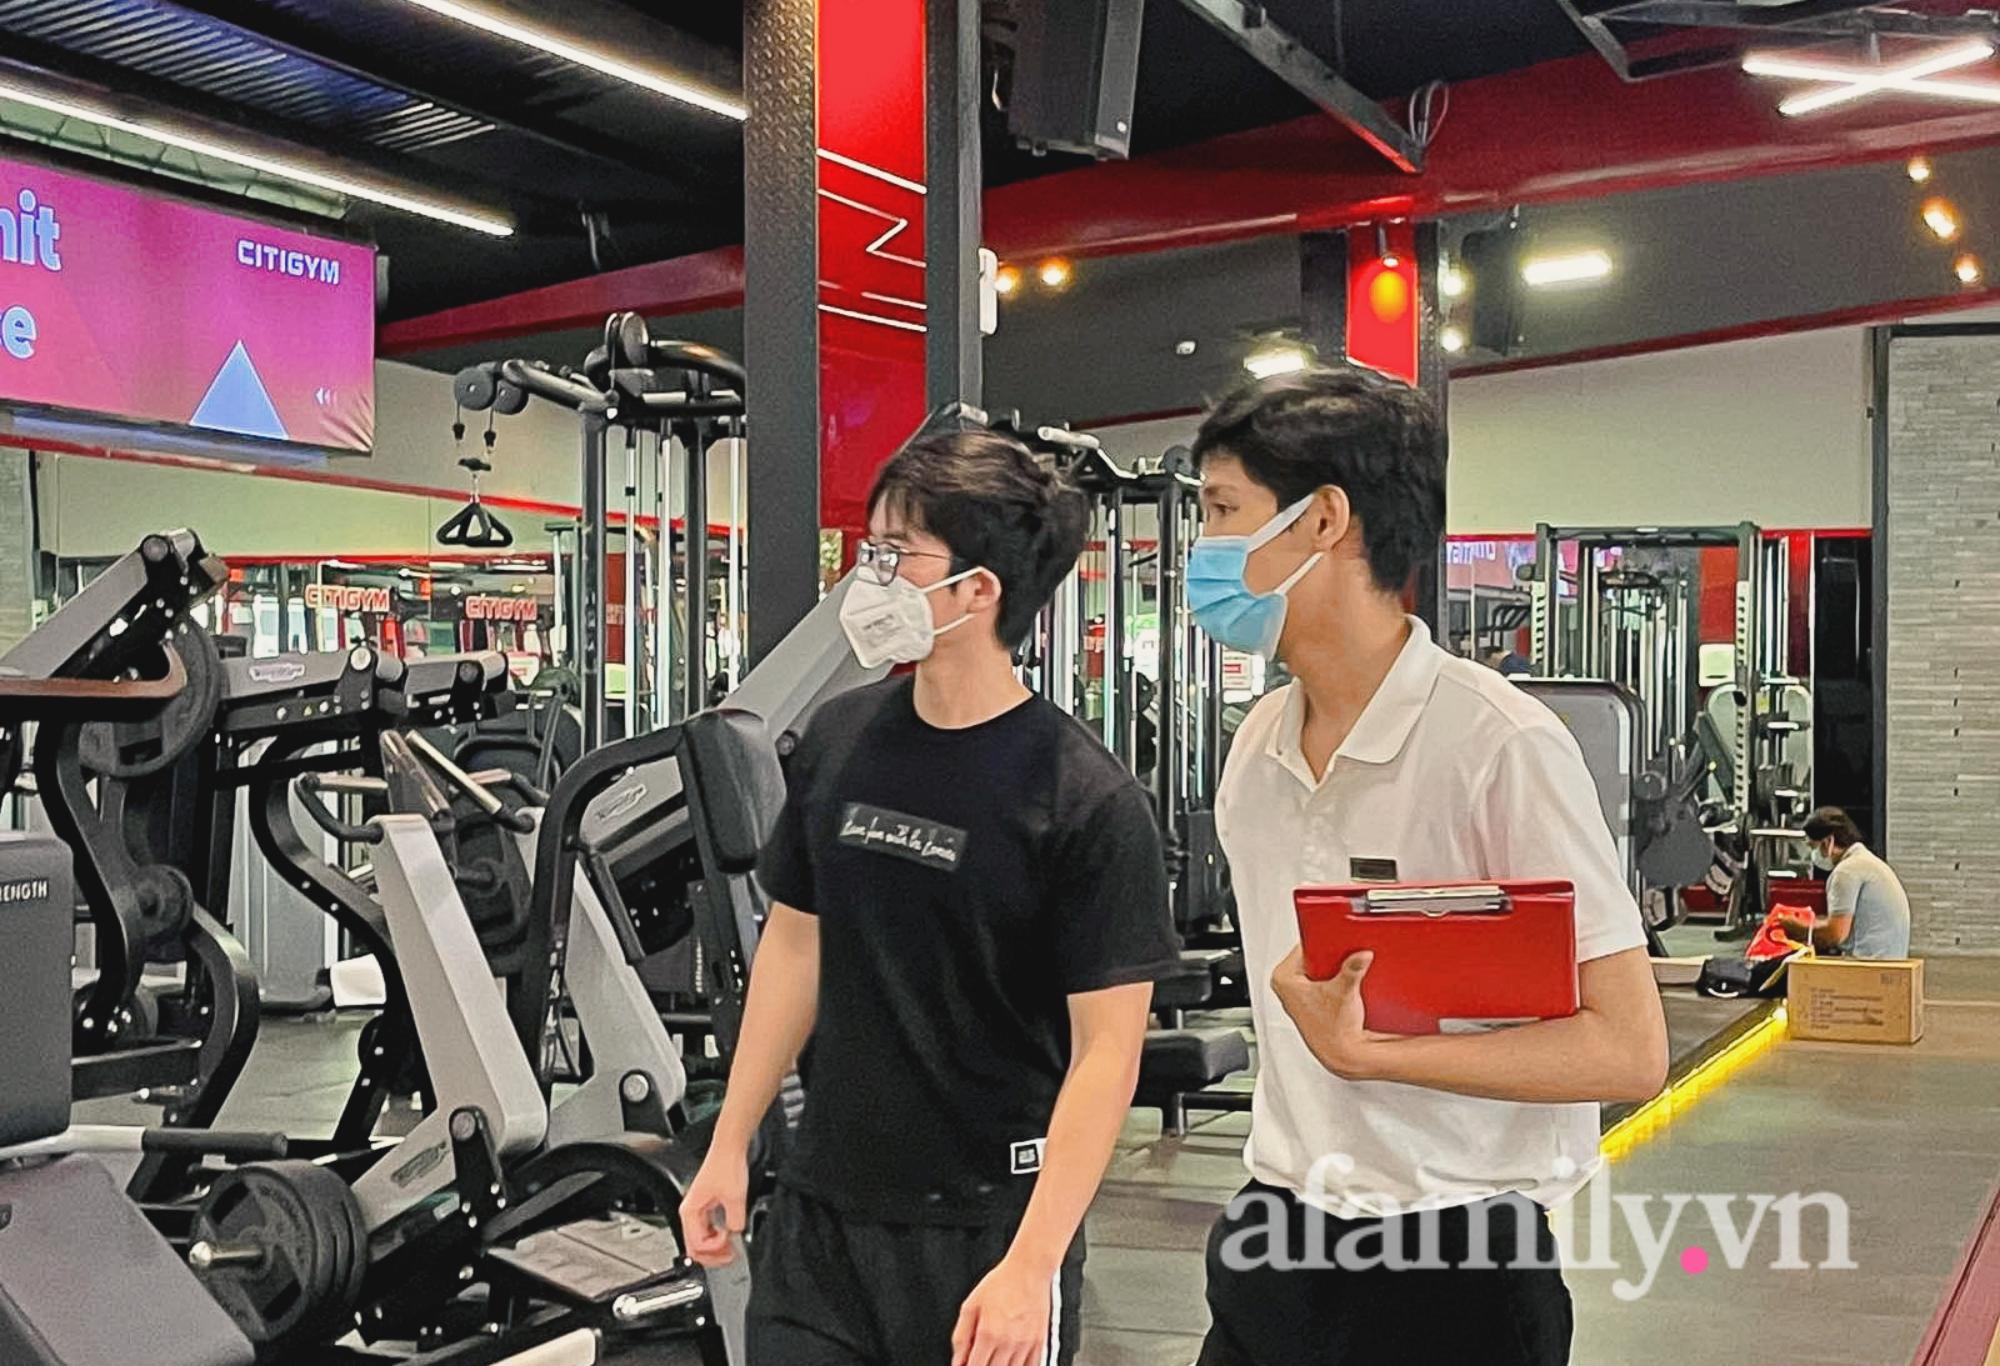 """Sau 4 tháng """"ngủ đông"""", phòng gym ở TP.HCM mở cửa, nhiều bạn trẻ vui như trẩy hội - Ảnh 4."""